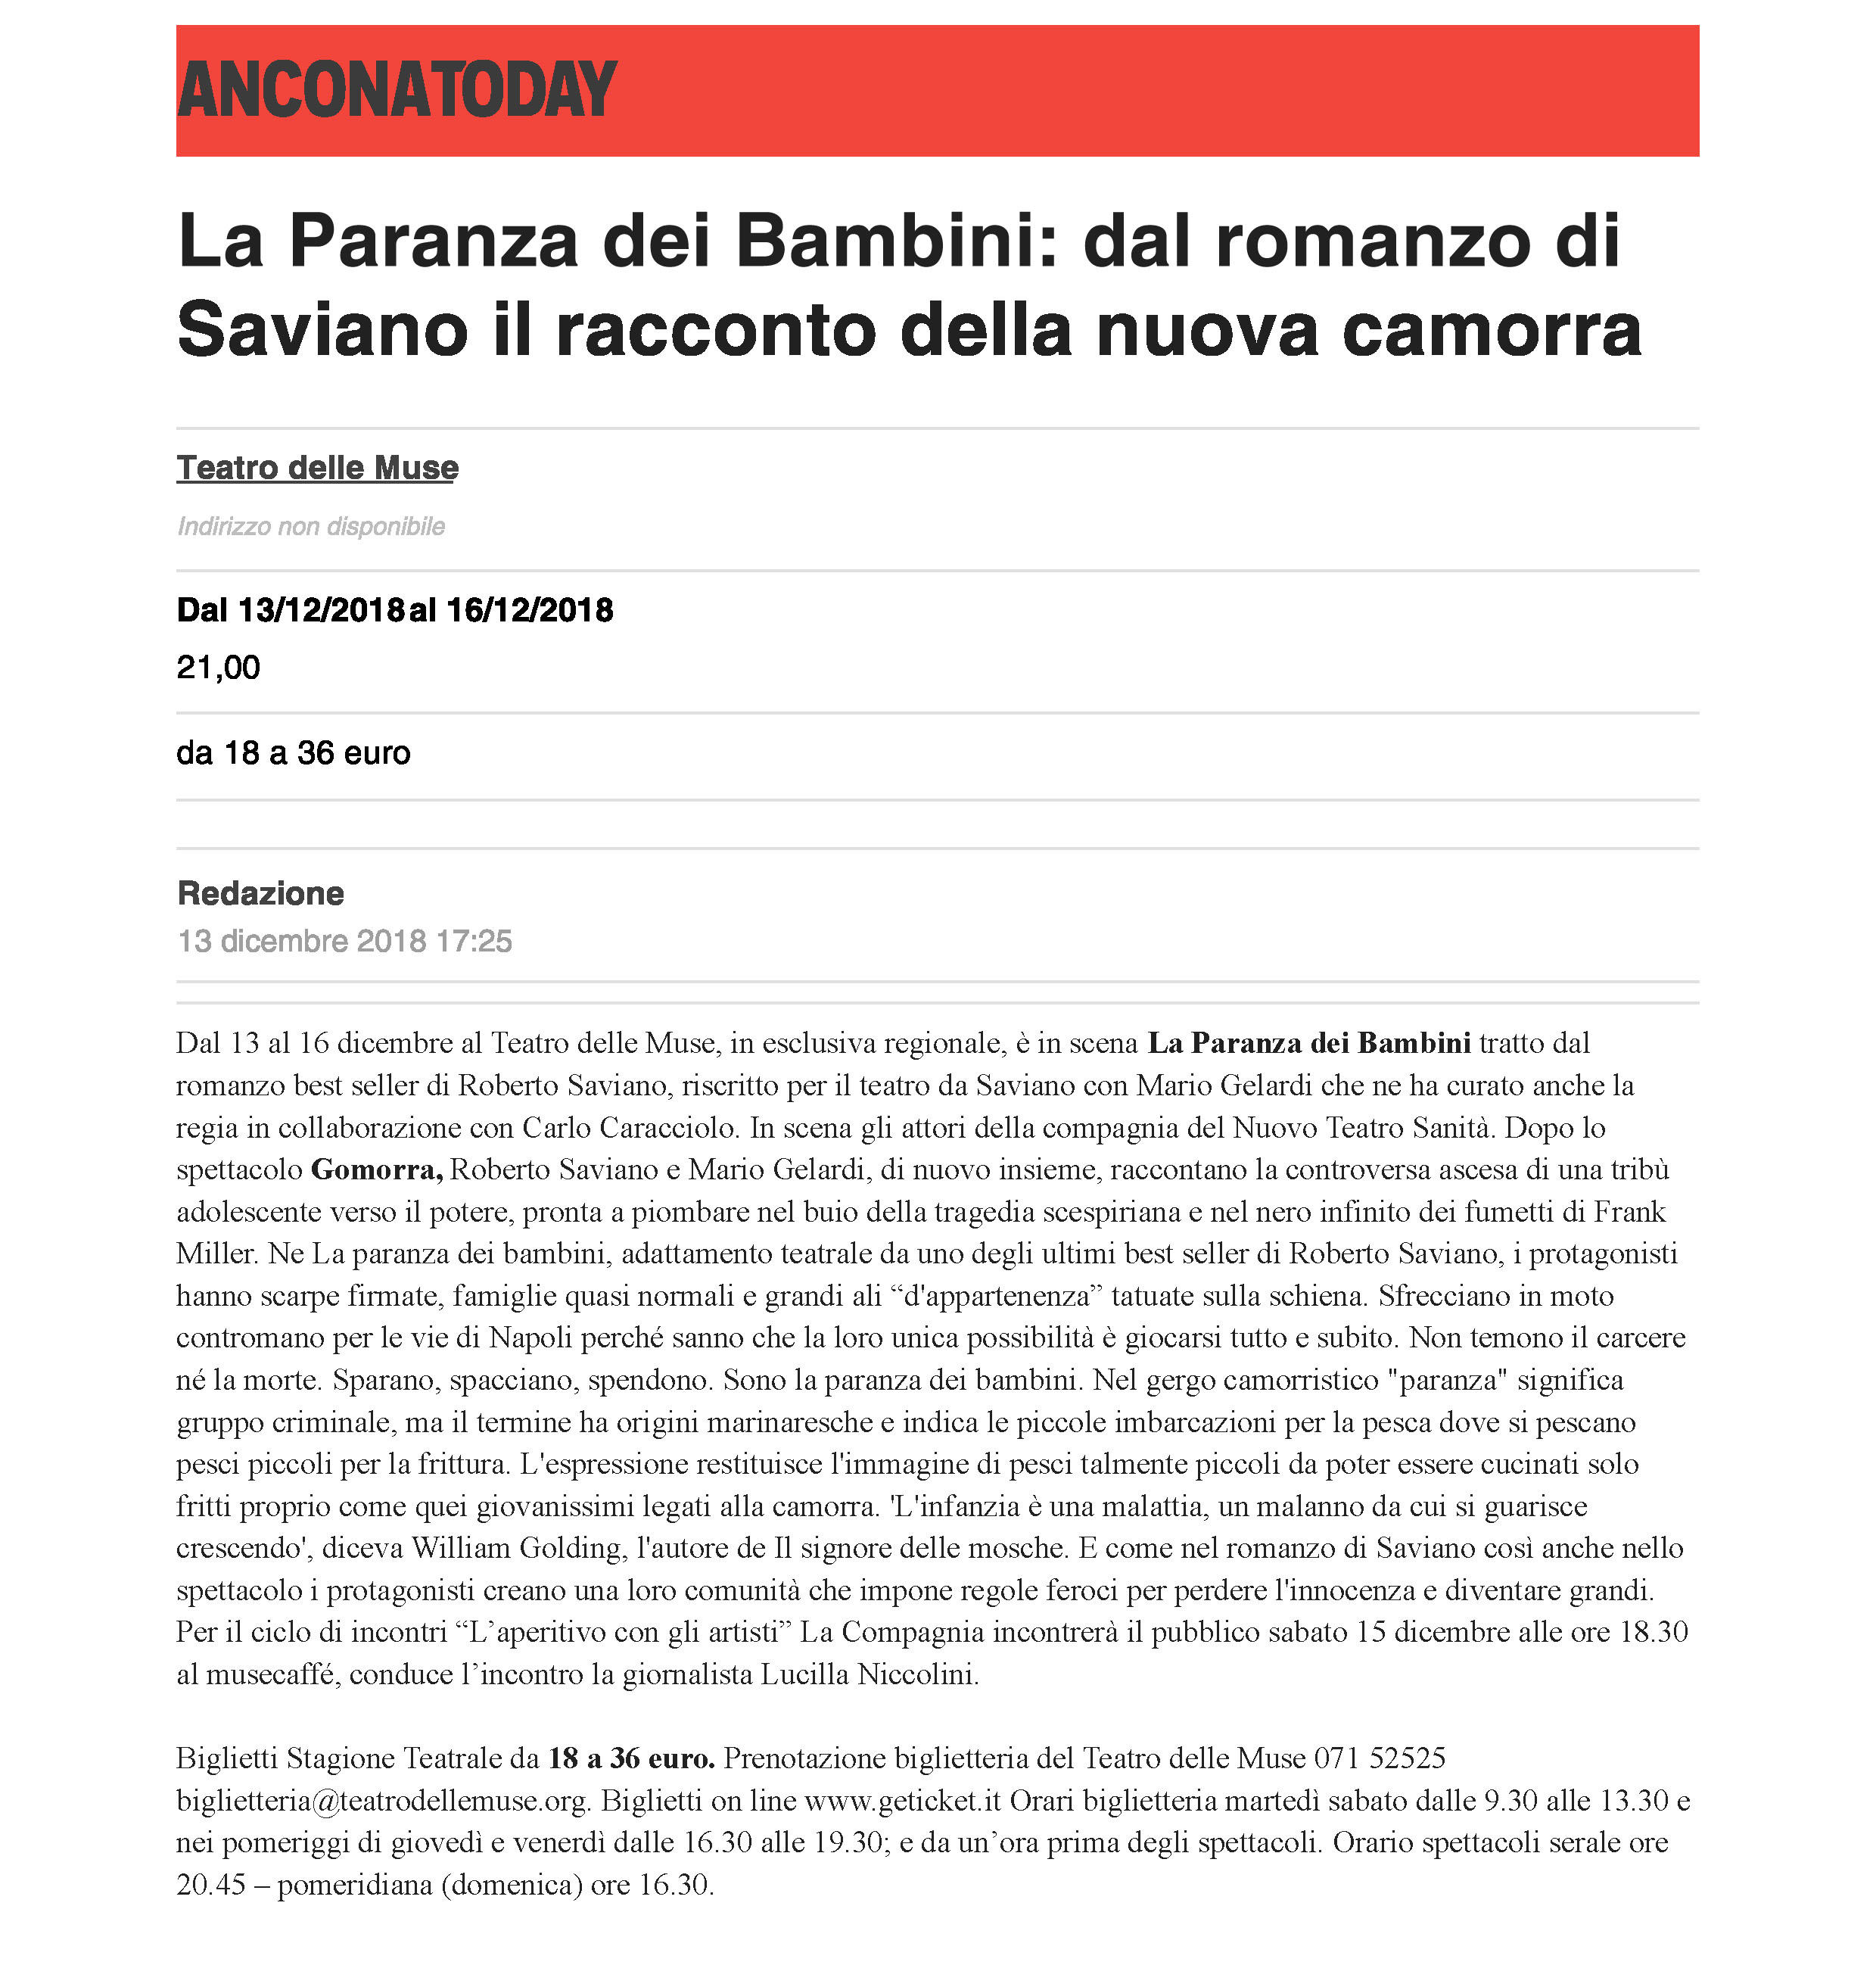 13 dic. 2018 | La Paranza dei Bambini: dal romanzo di Saviano il racconto  della nuova camorra – AnconaToday – marche teatro